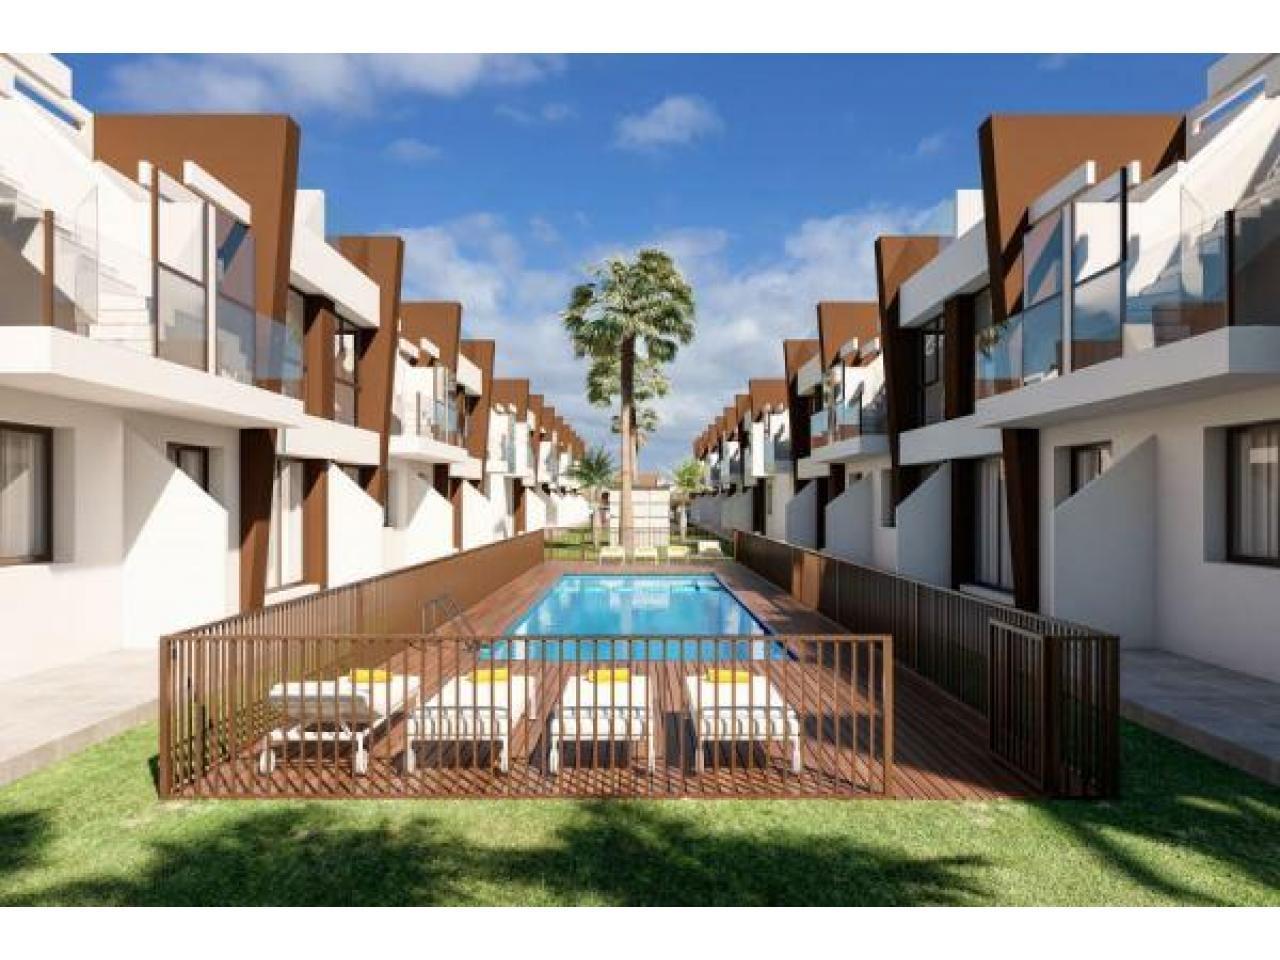 Недвижимость в Испании, Новые бунгало рядом с морем от застройщика в Сан-Педро-дель-Пинатар - 4